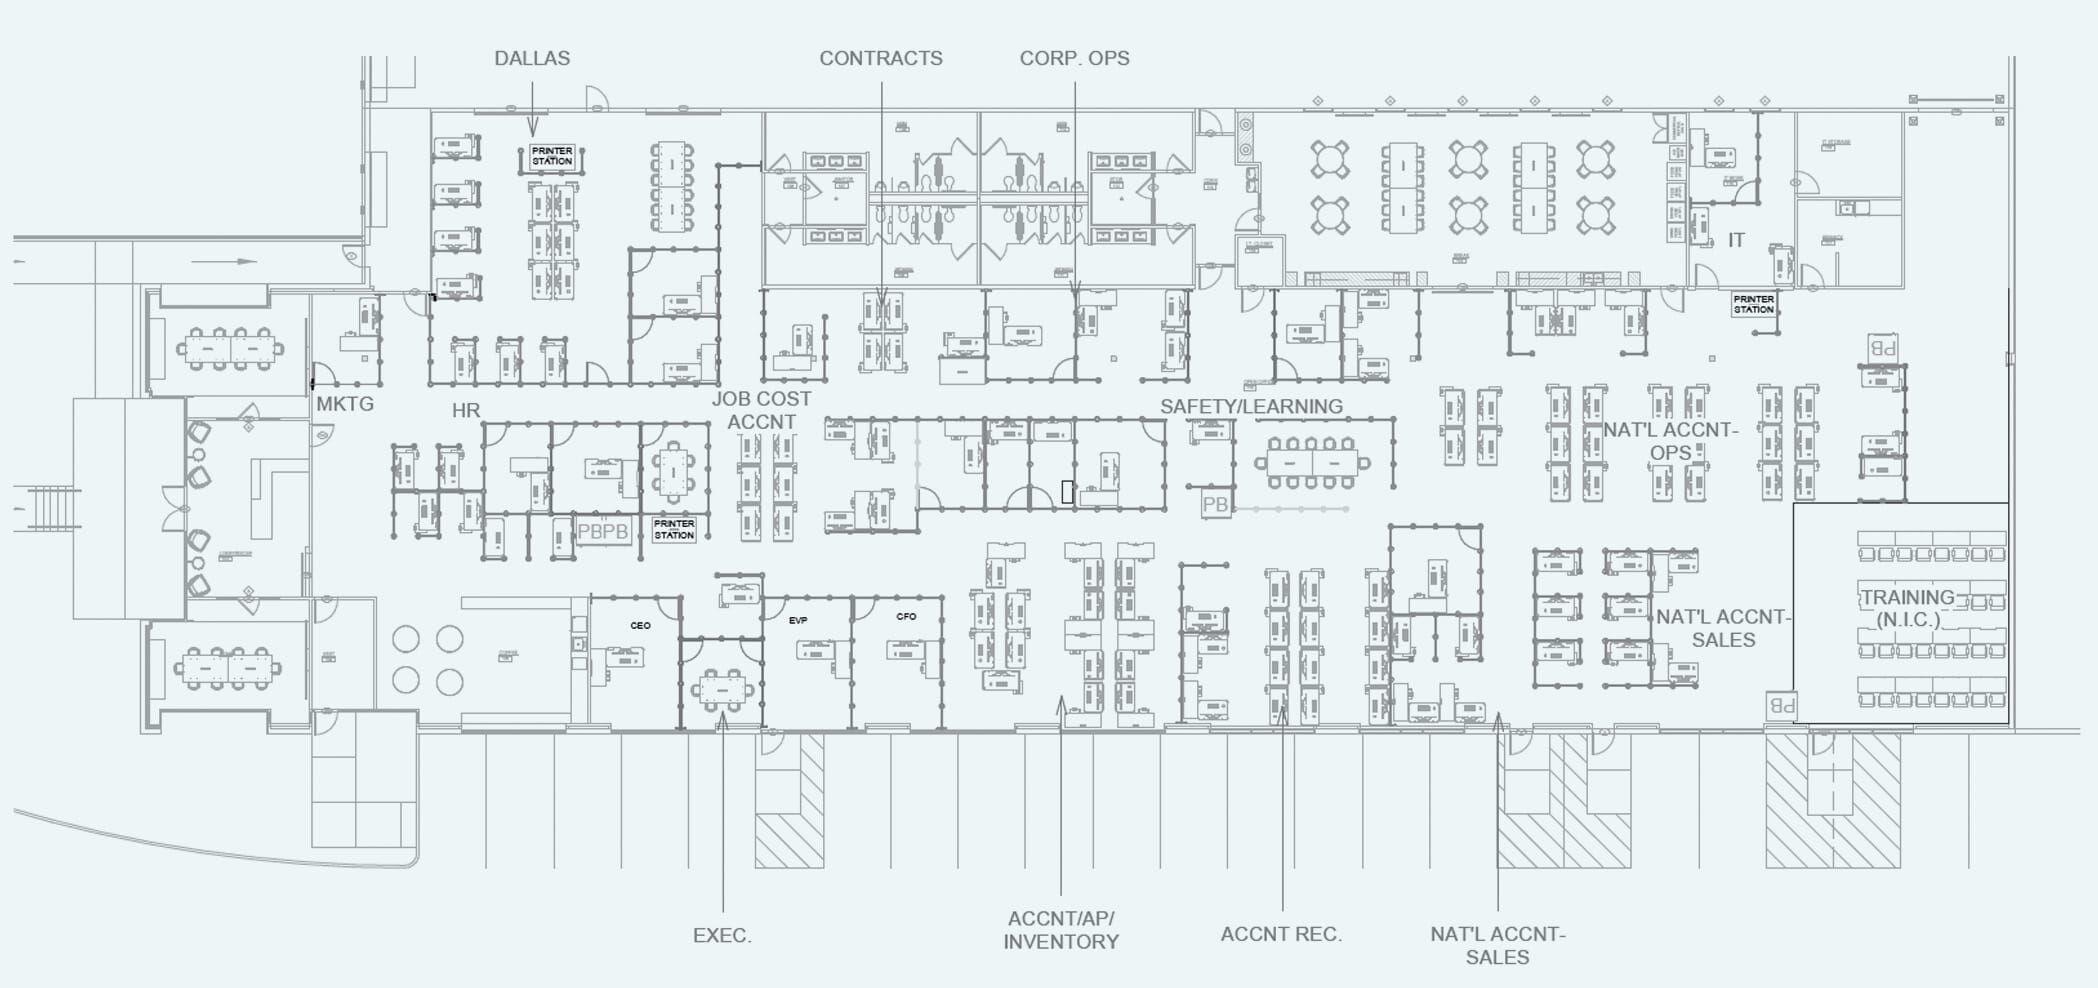 duraserv floor plan  image